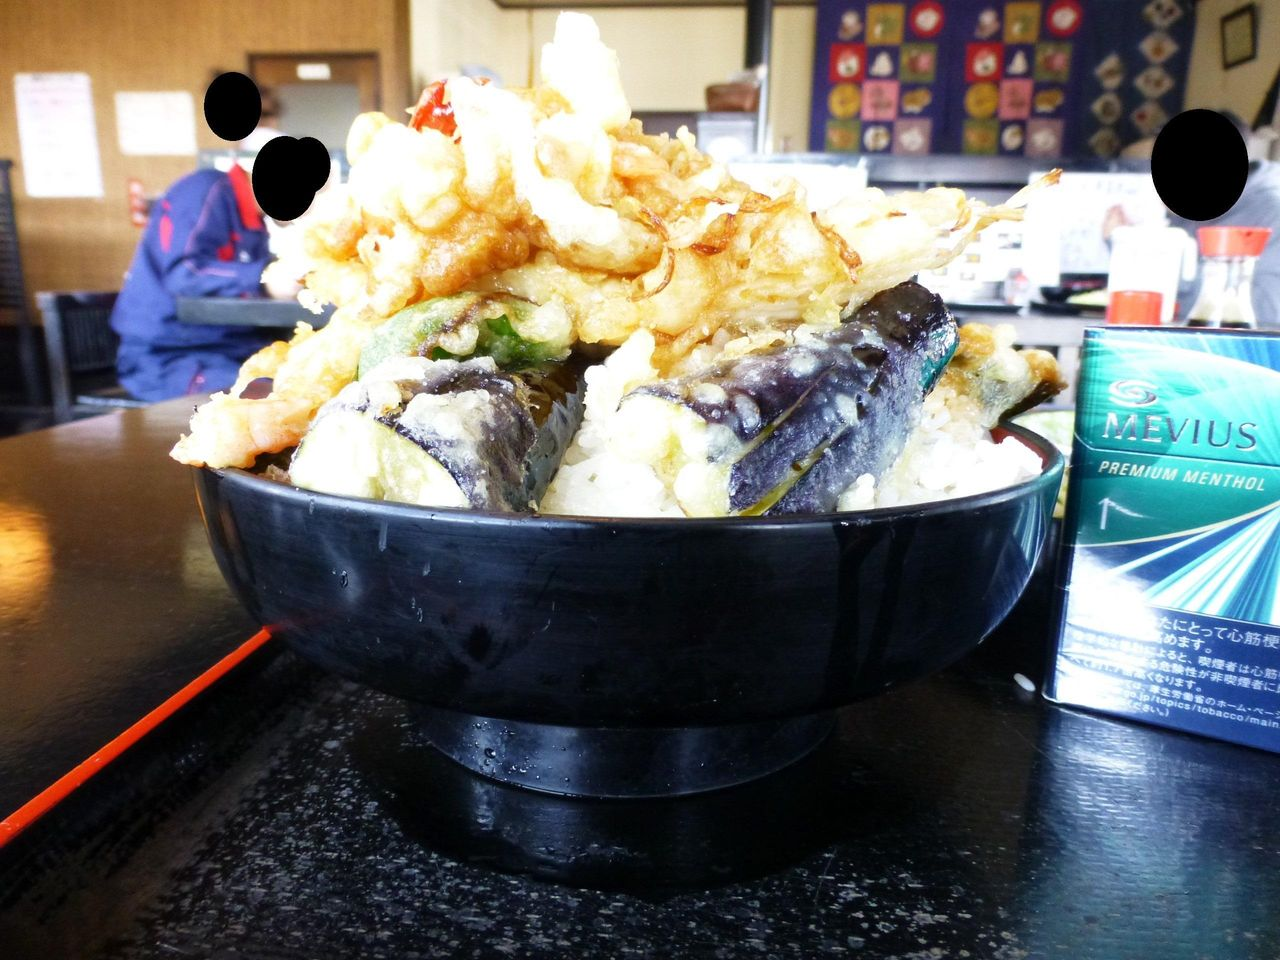 天ぷらを積み重ねて、危険なオーラを放っています!